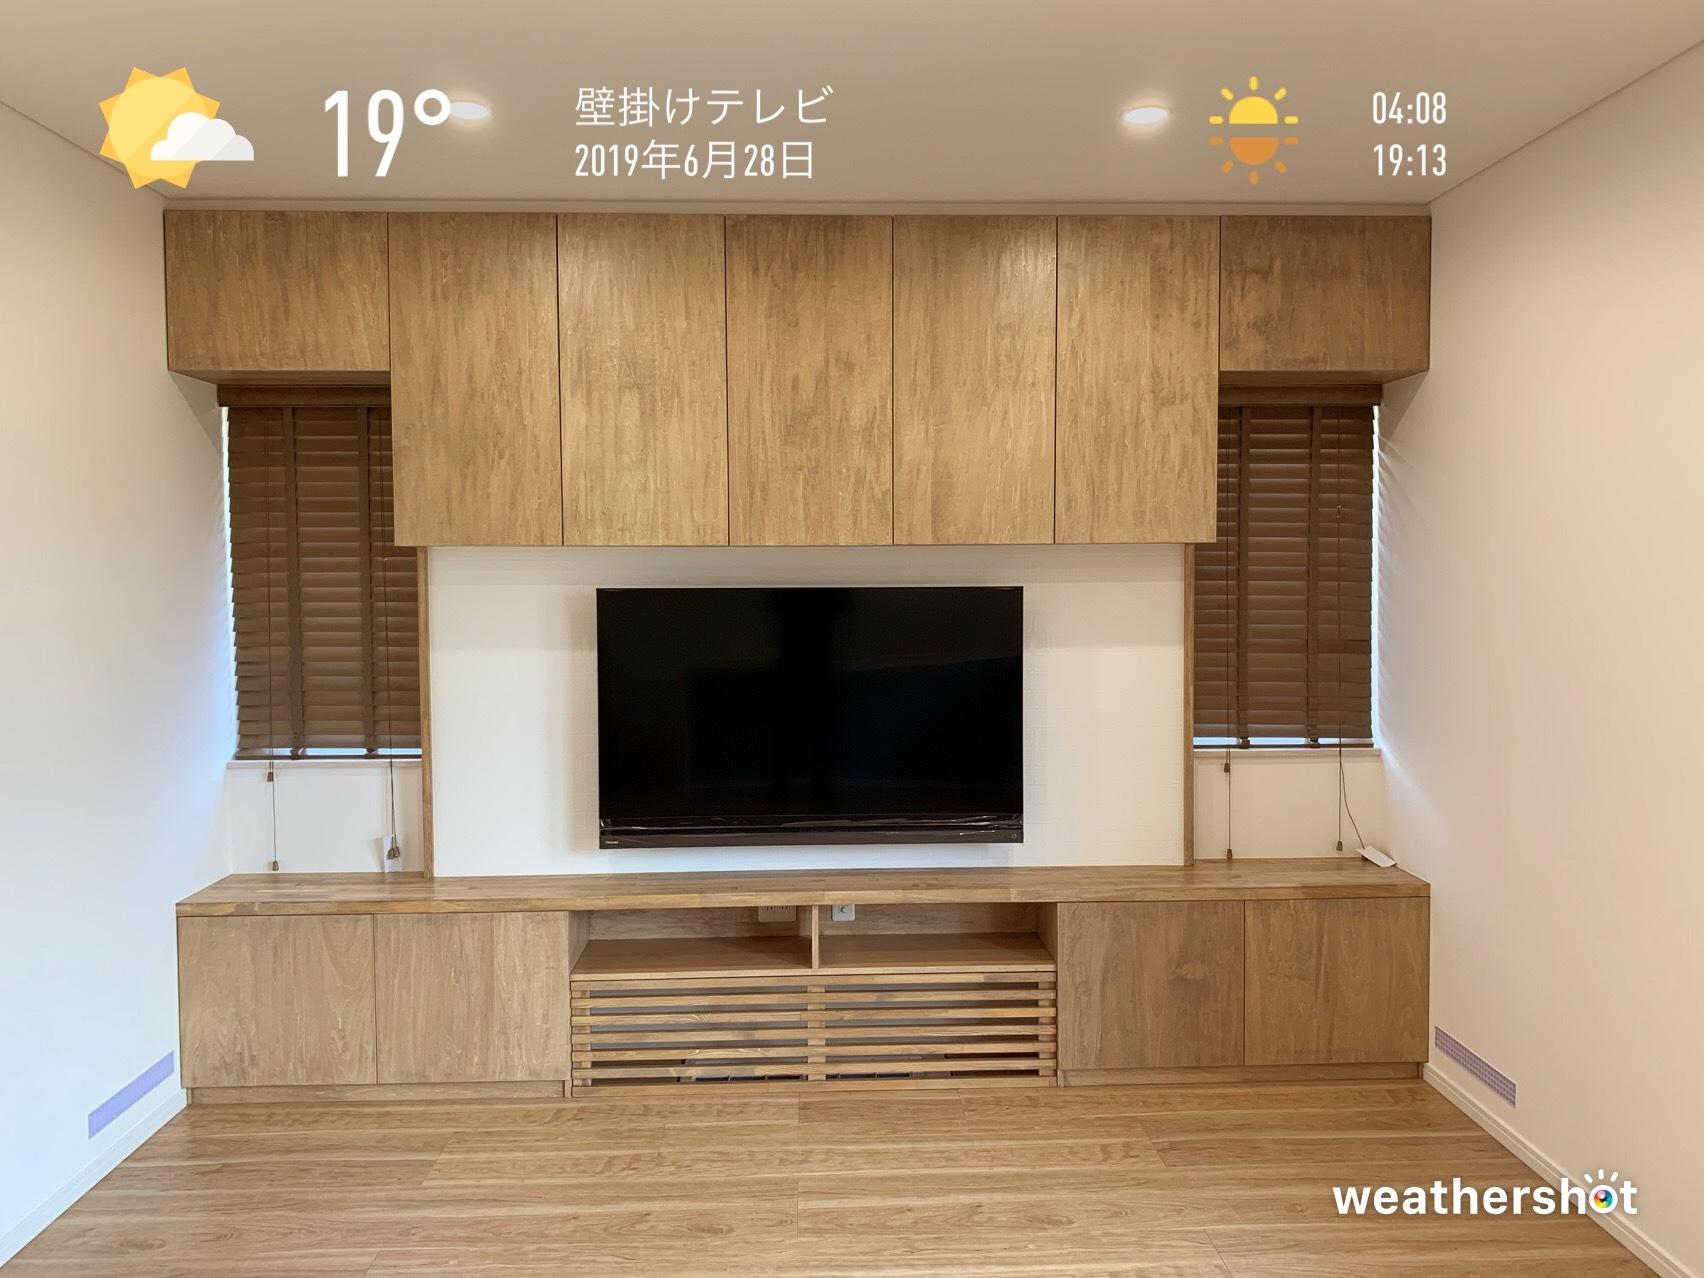 2019/6/28 壁掛けテレビ_f0116421_23431893.jpeg